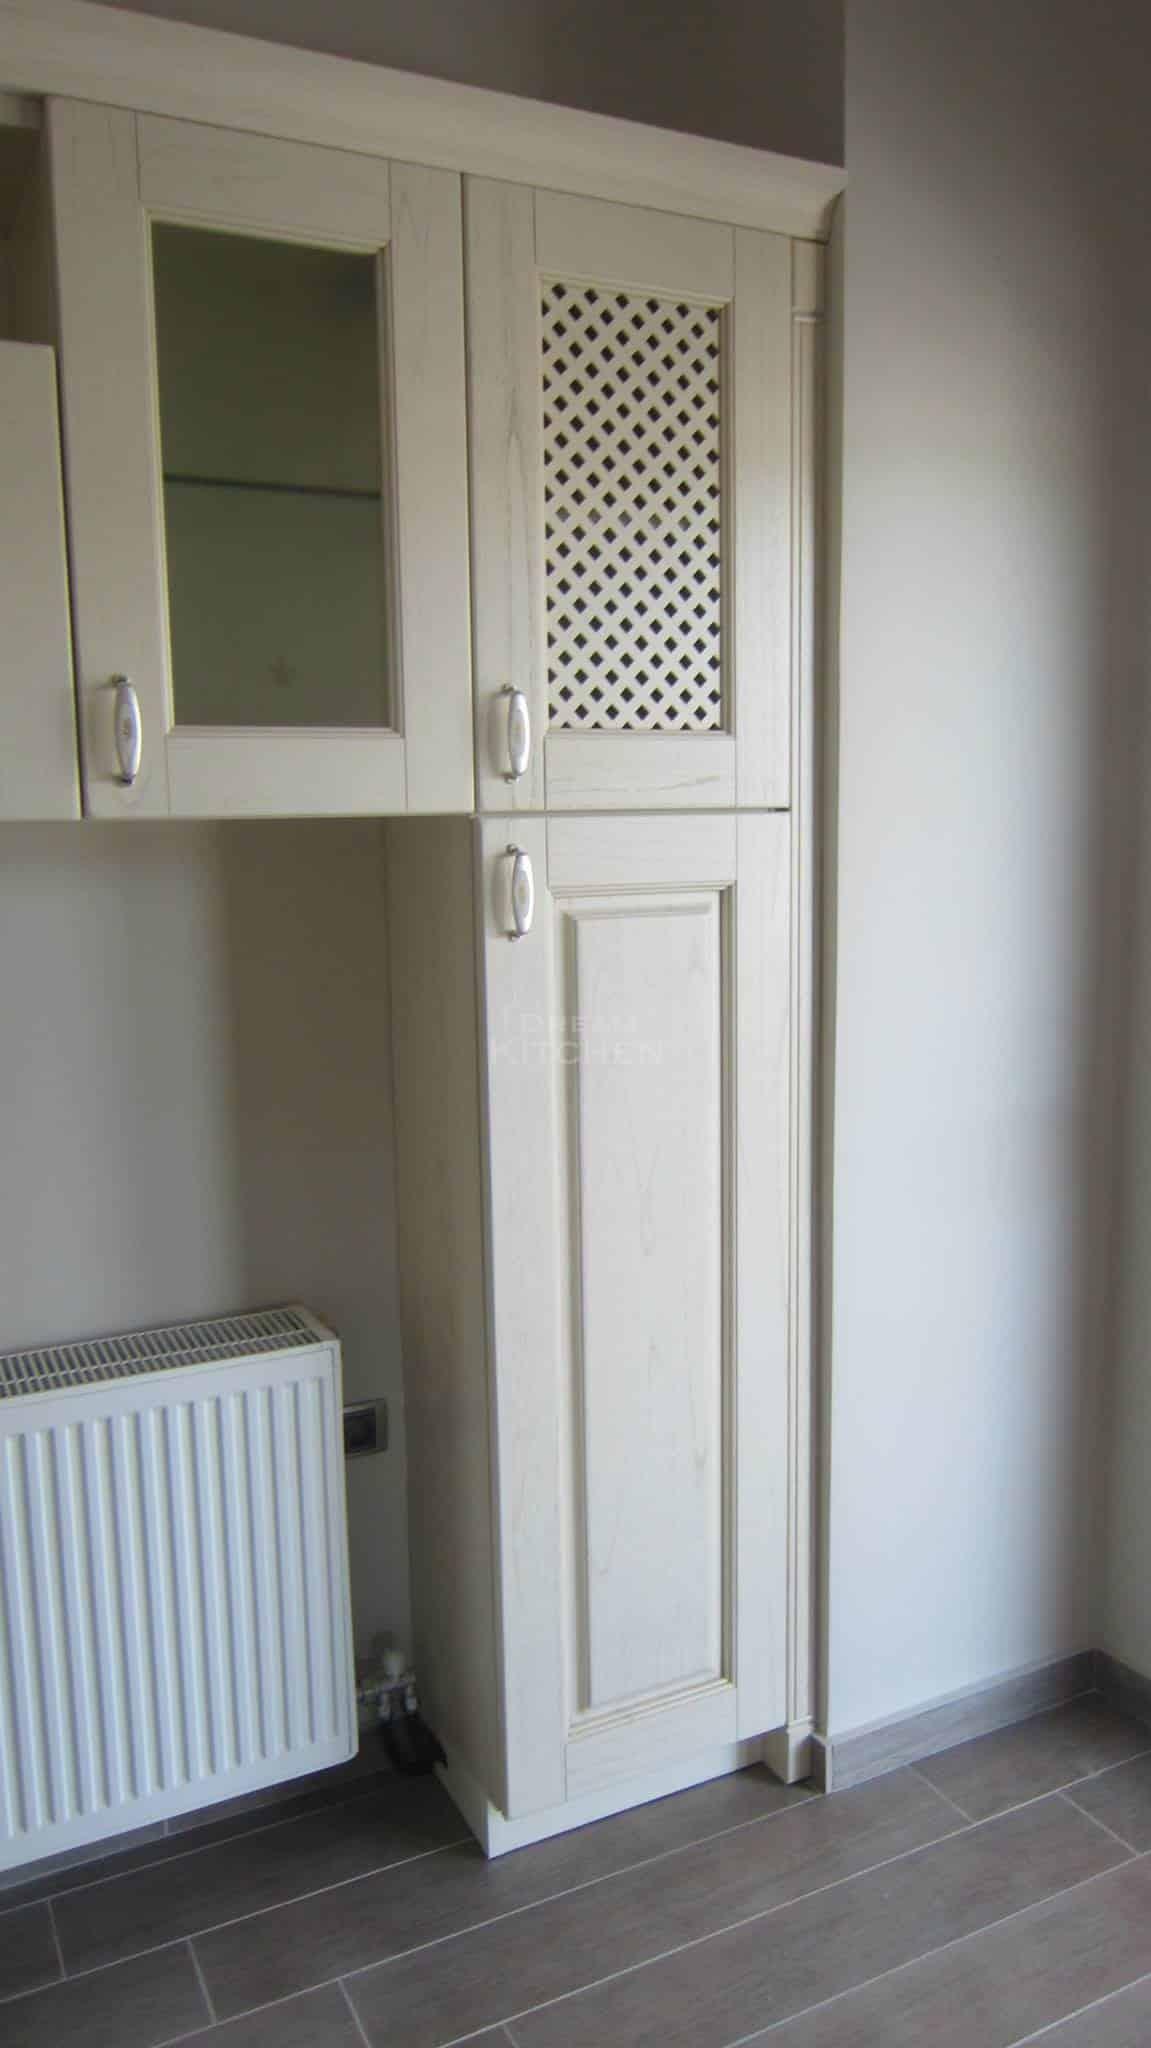 Πλήρης επίπλωση κατοικίας κουζινα μασιφ 48